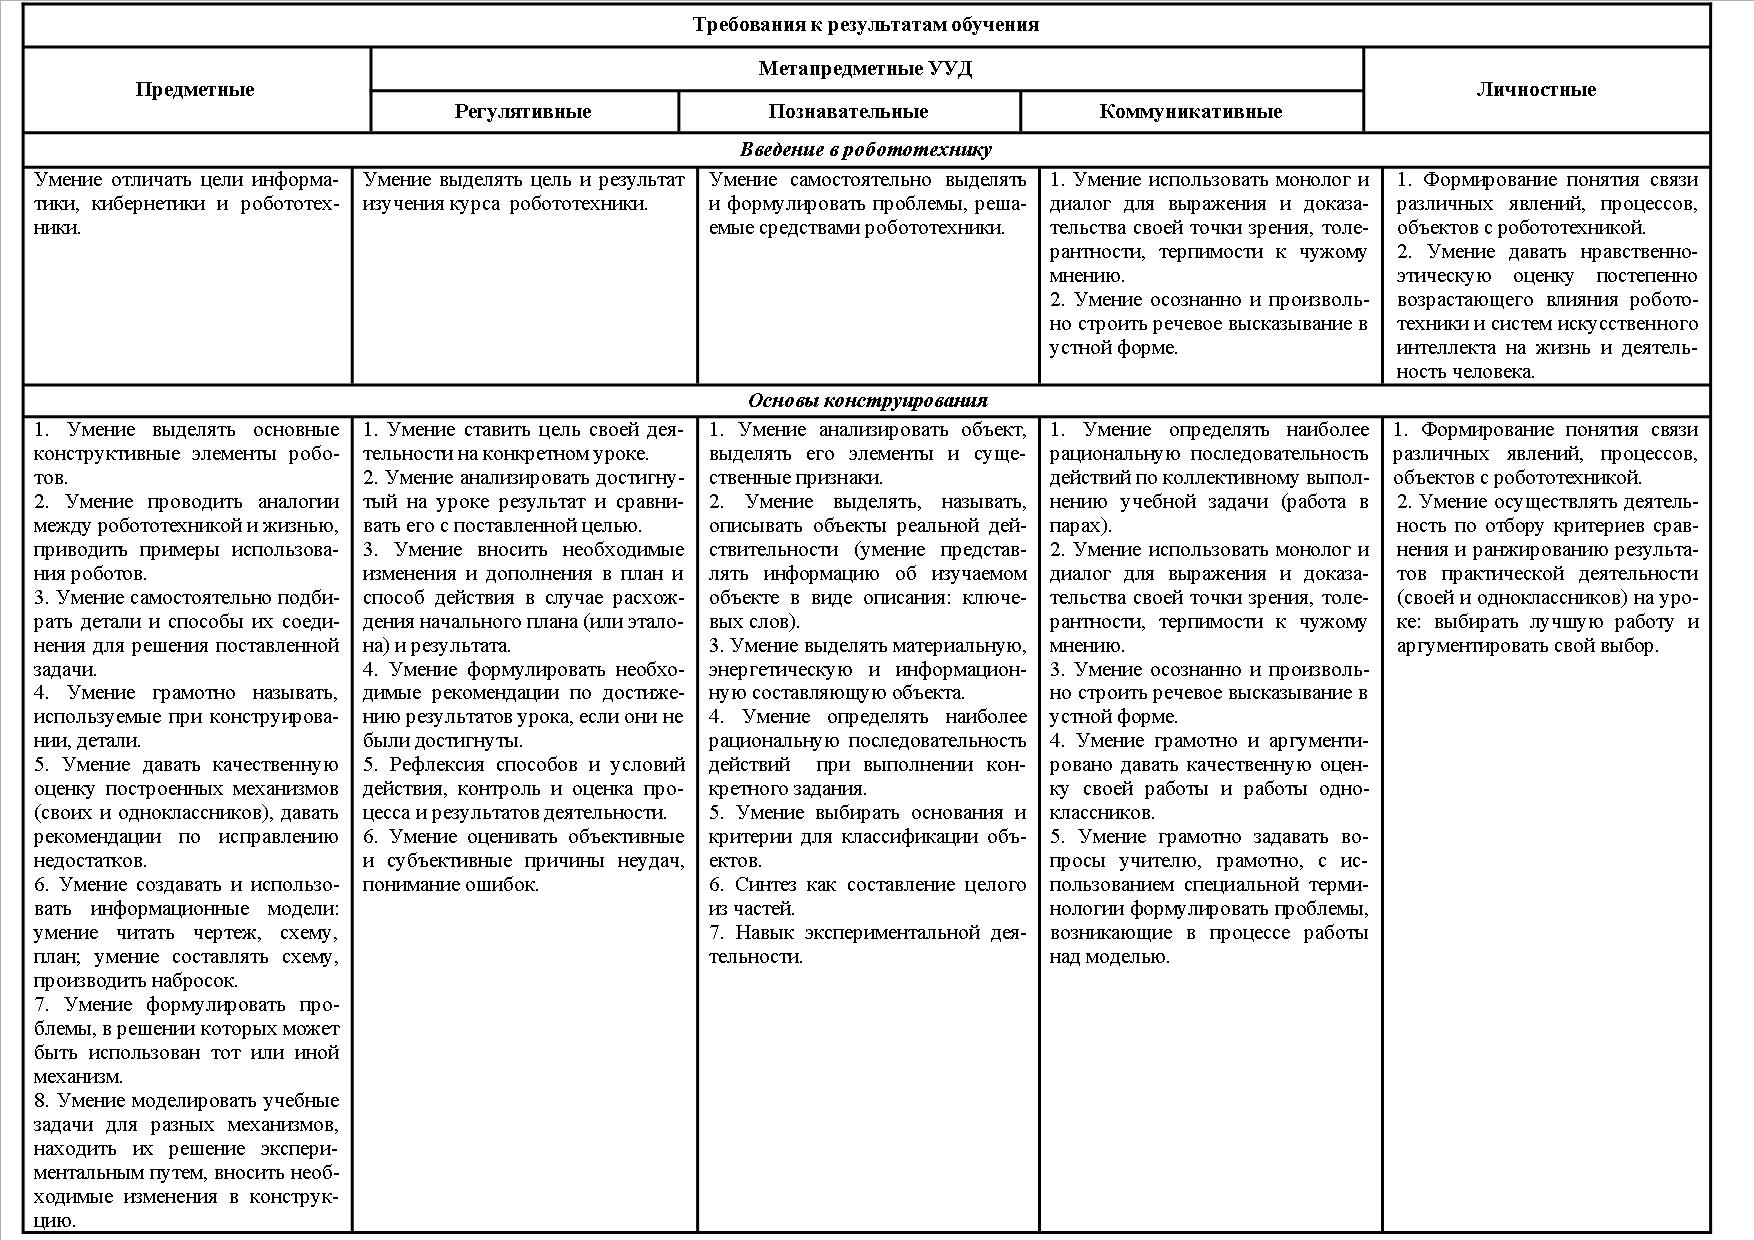 кружок робототехника рабочая программа 5 класс